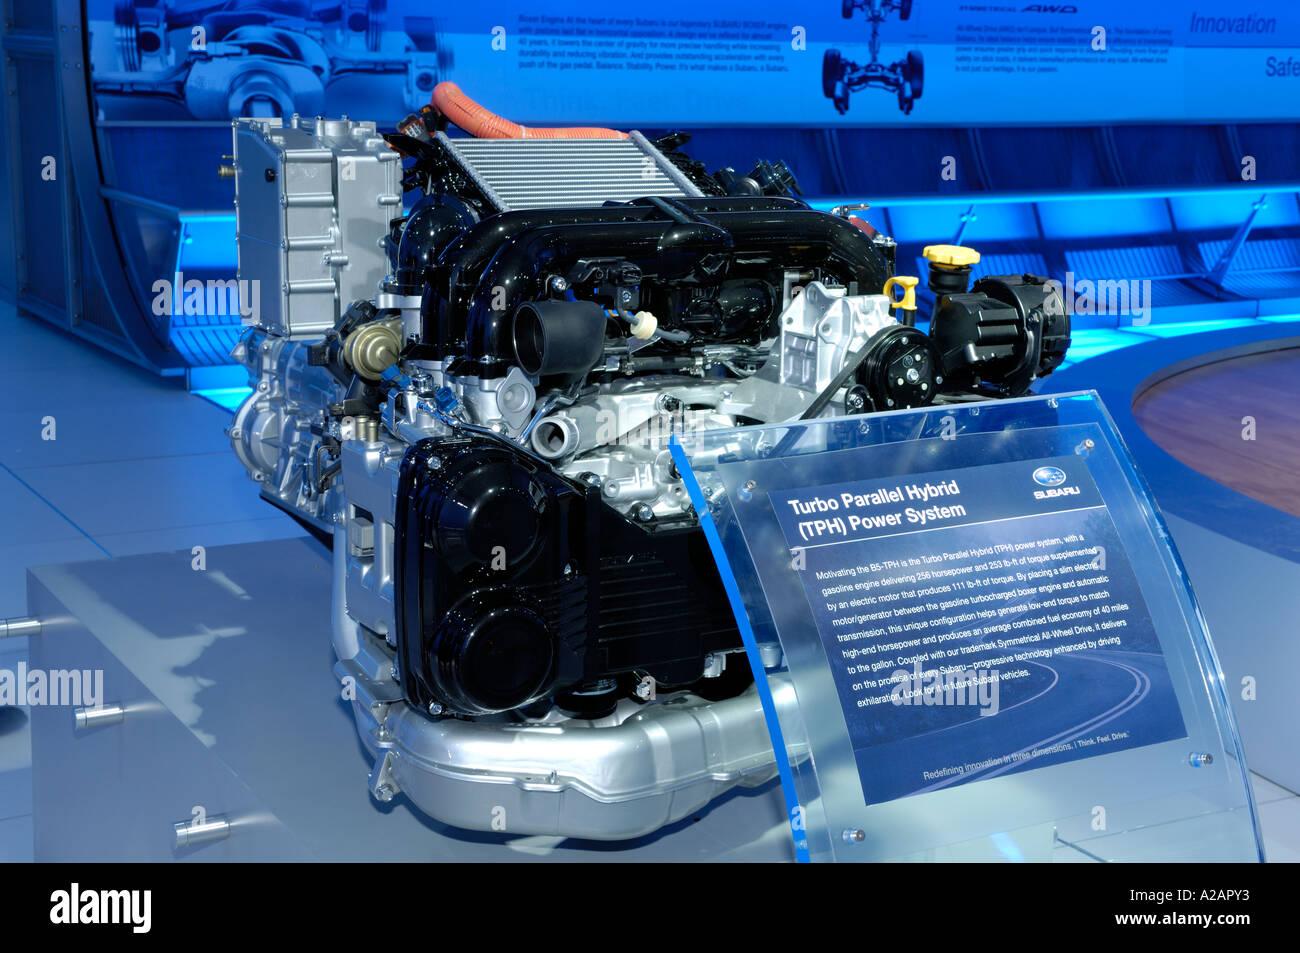 Subaru Turbo Parallel Hybrid Power System Engine On